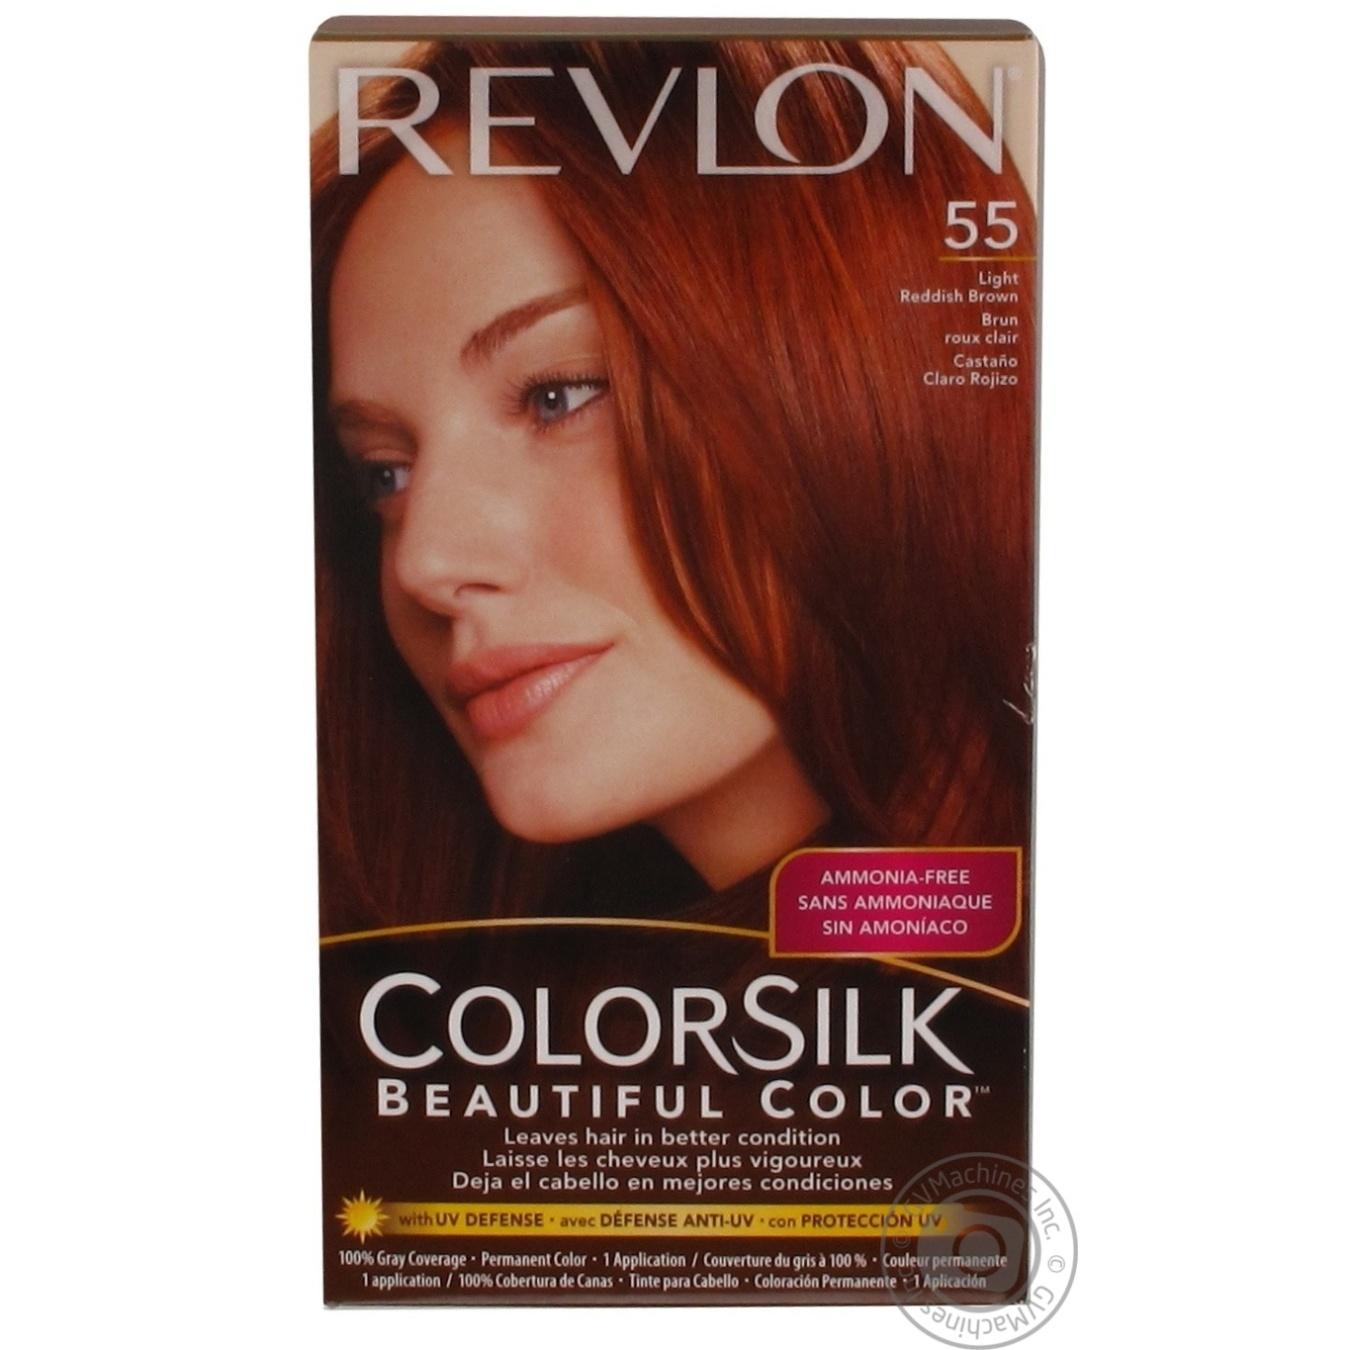 Colorsilk beautiful color 55 light reddish brown by revlon hair color - Color Revlon Color Silk Light Reddish Brown Ammonia Free For Hair